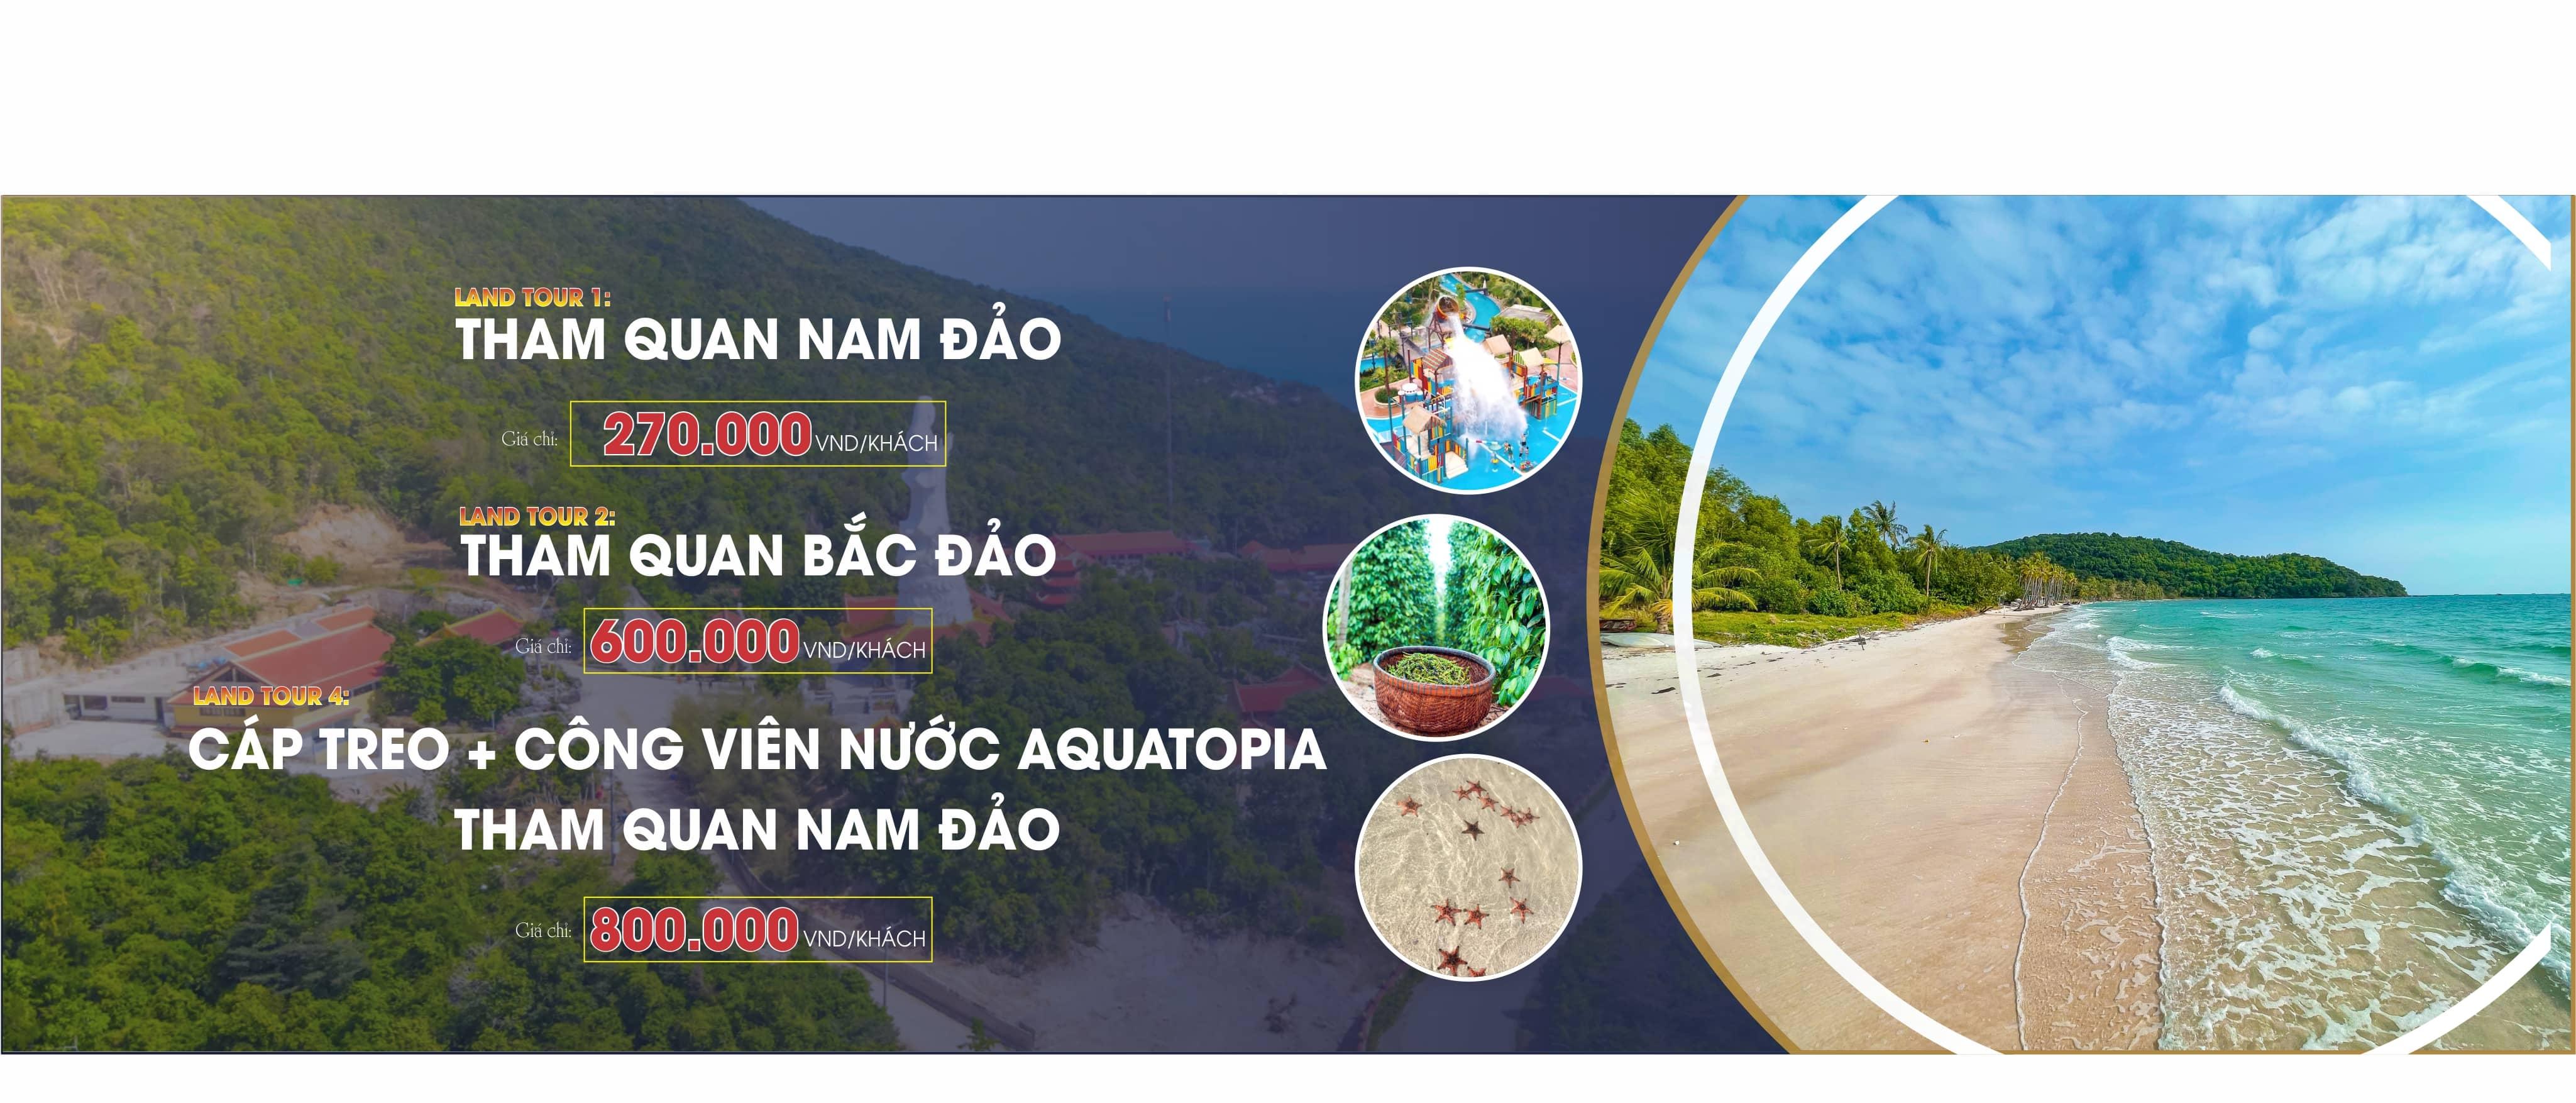 Du lịch Phú Quốc 2021